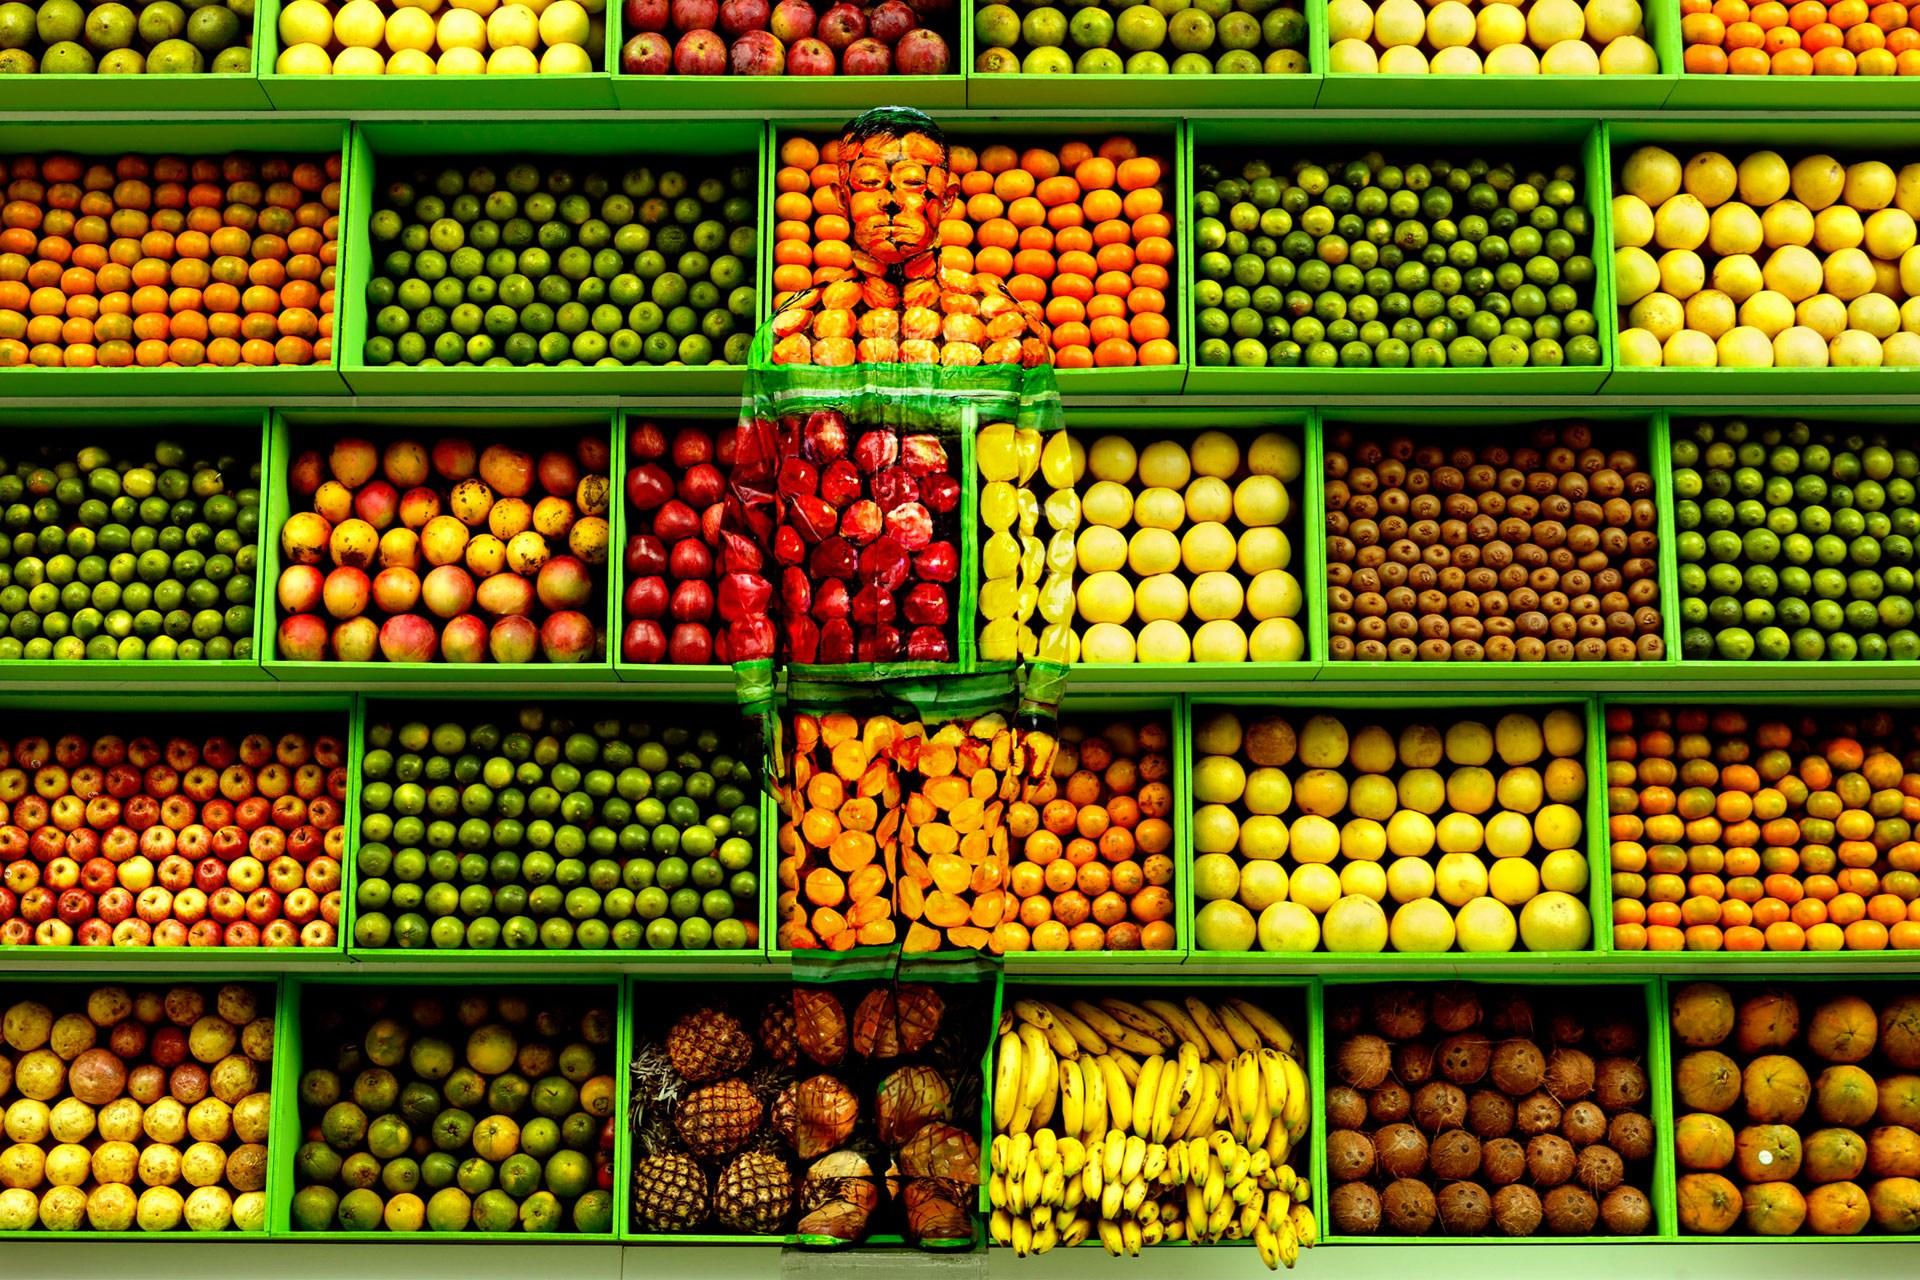 liu-bolin-Hiding-in-Venezuela-No-3-Tropical-Fruits-2013-conde-nast-traveller-22oct14-klein-sun-gallery-liu-bolin